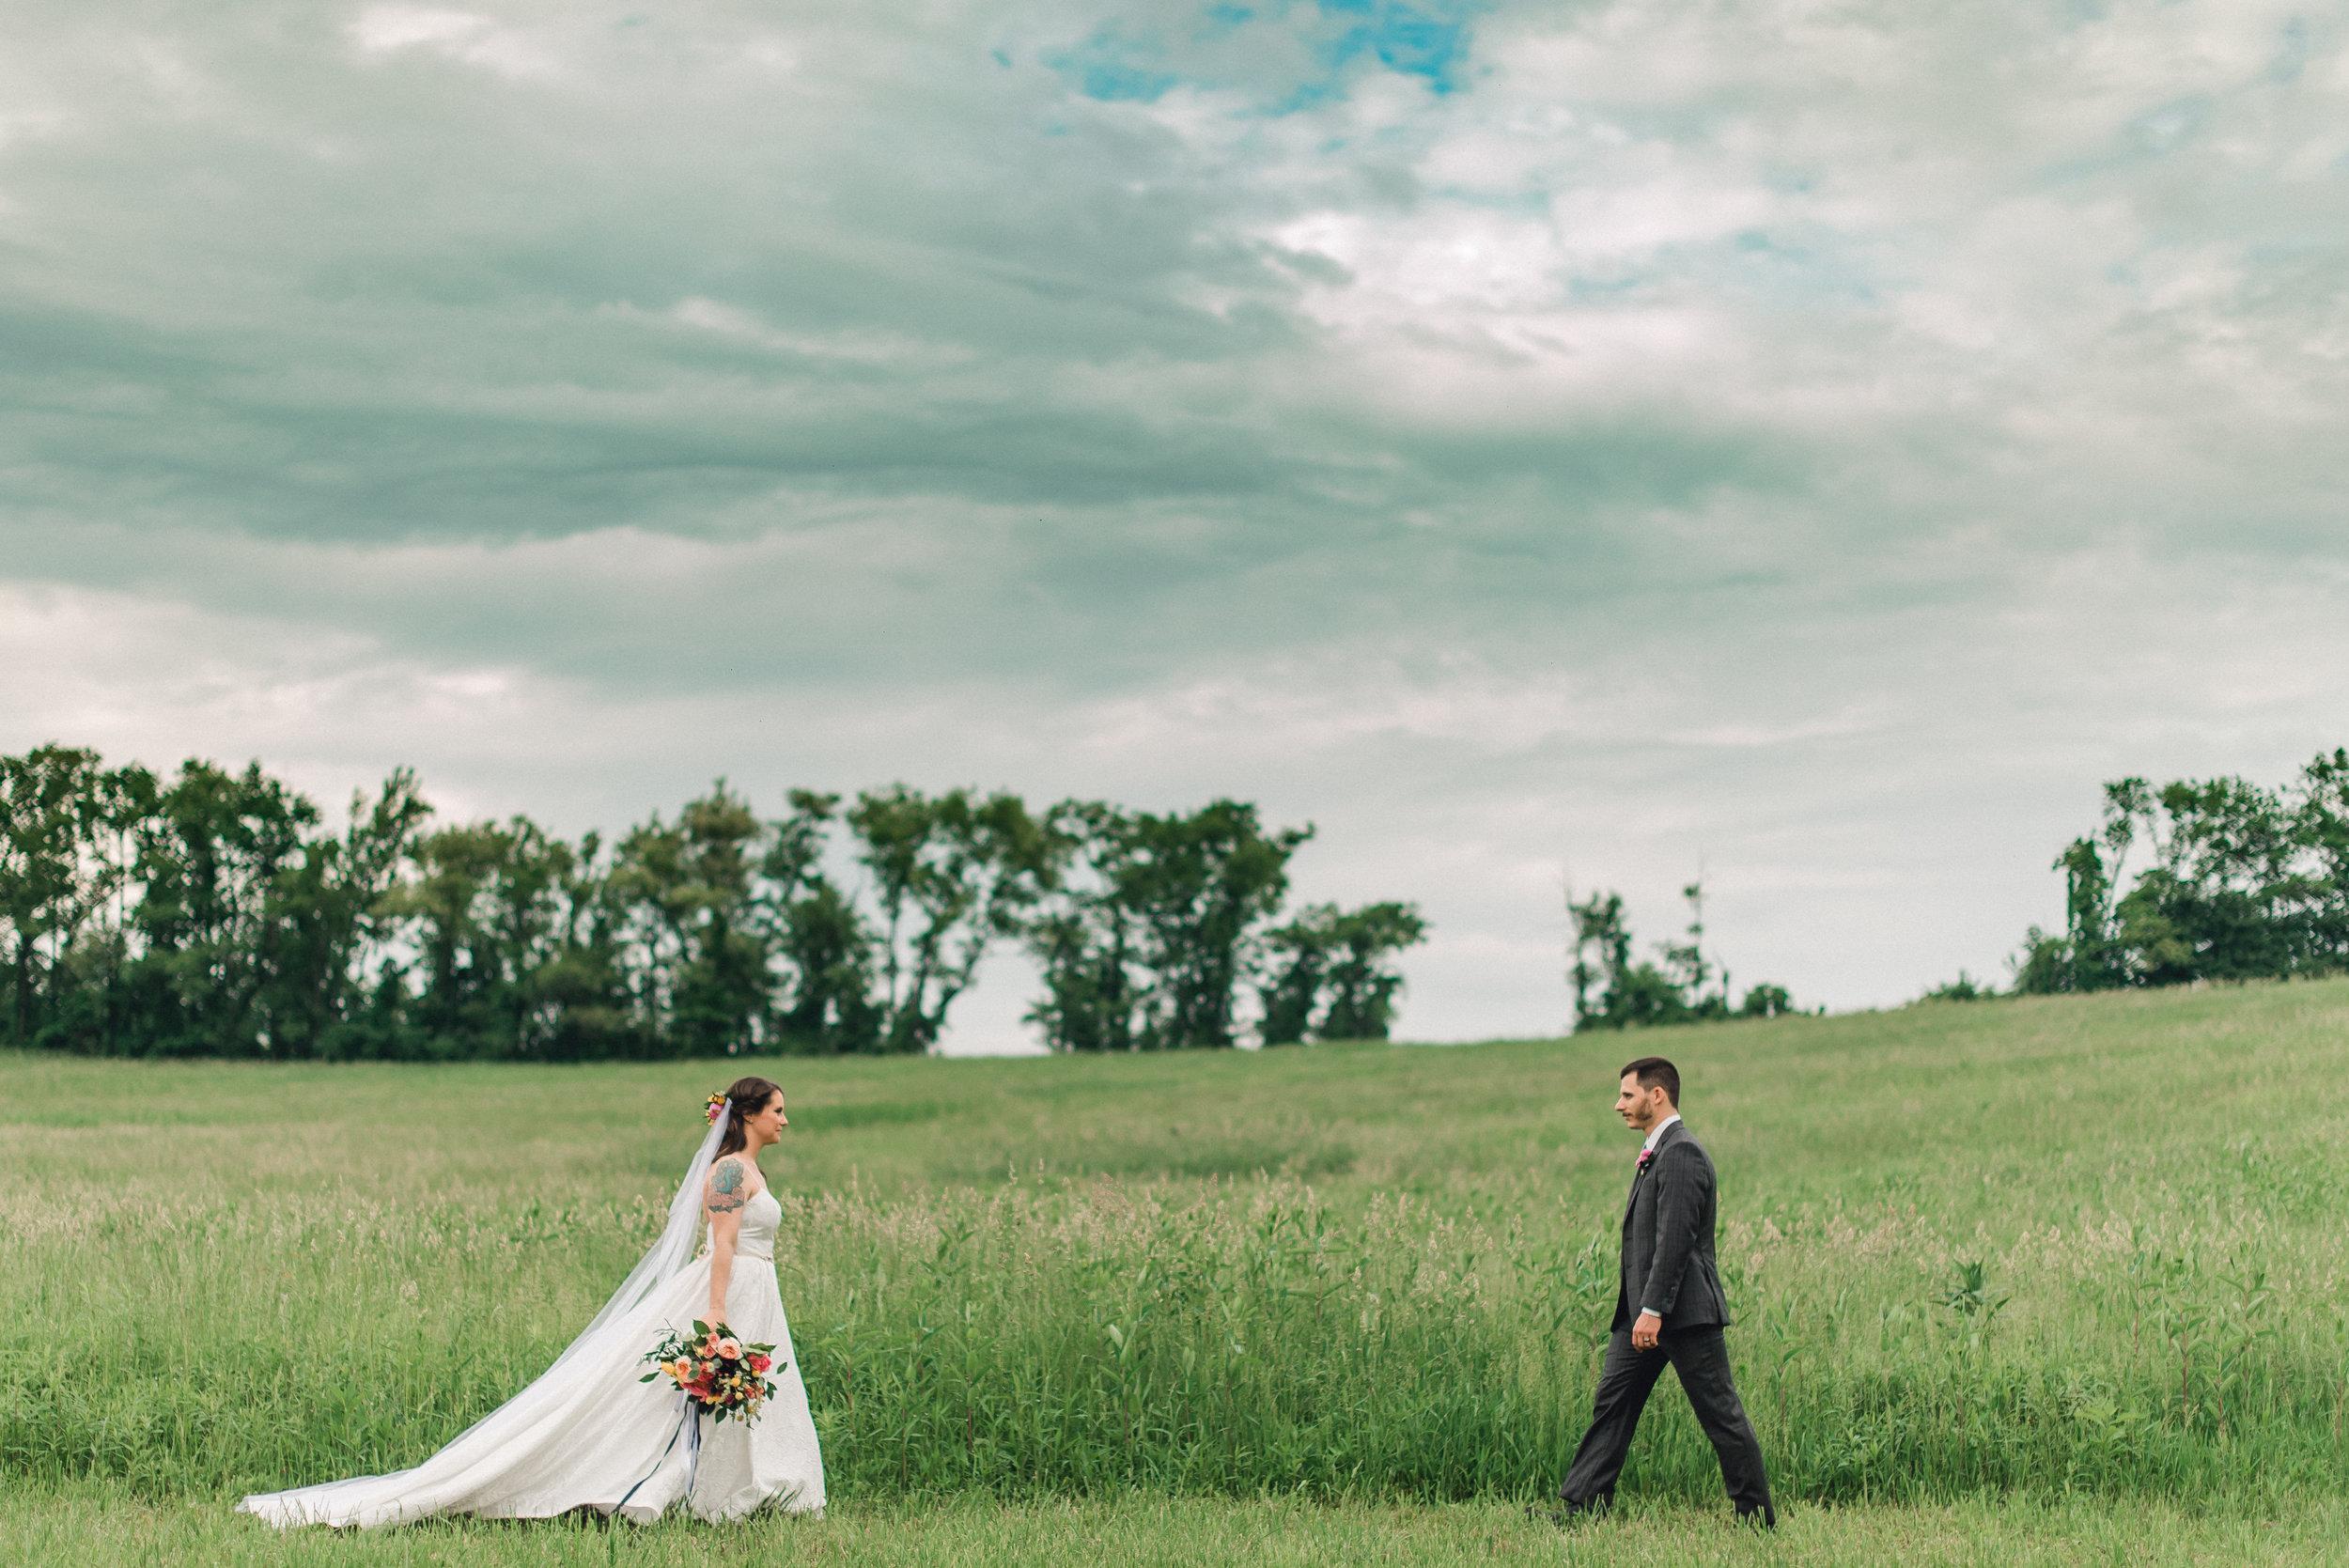 pittsburgh-wedding-bramblewood-farm-barn-wes-anderson-0036.jpg